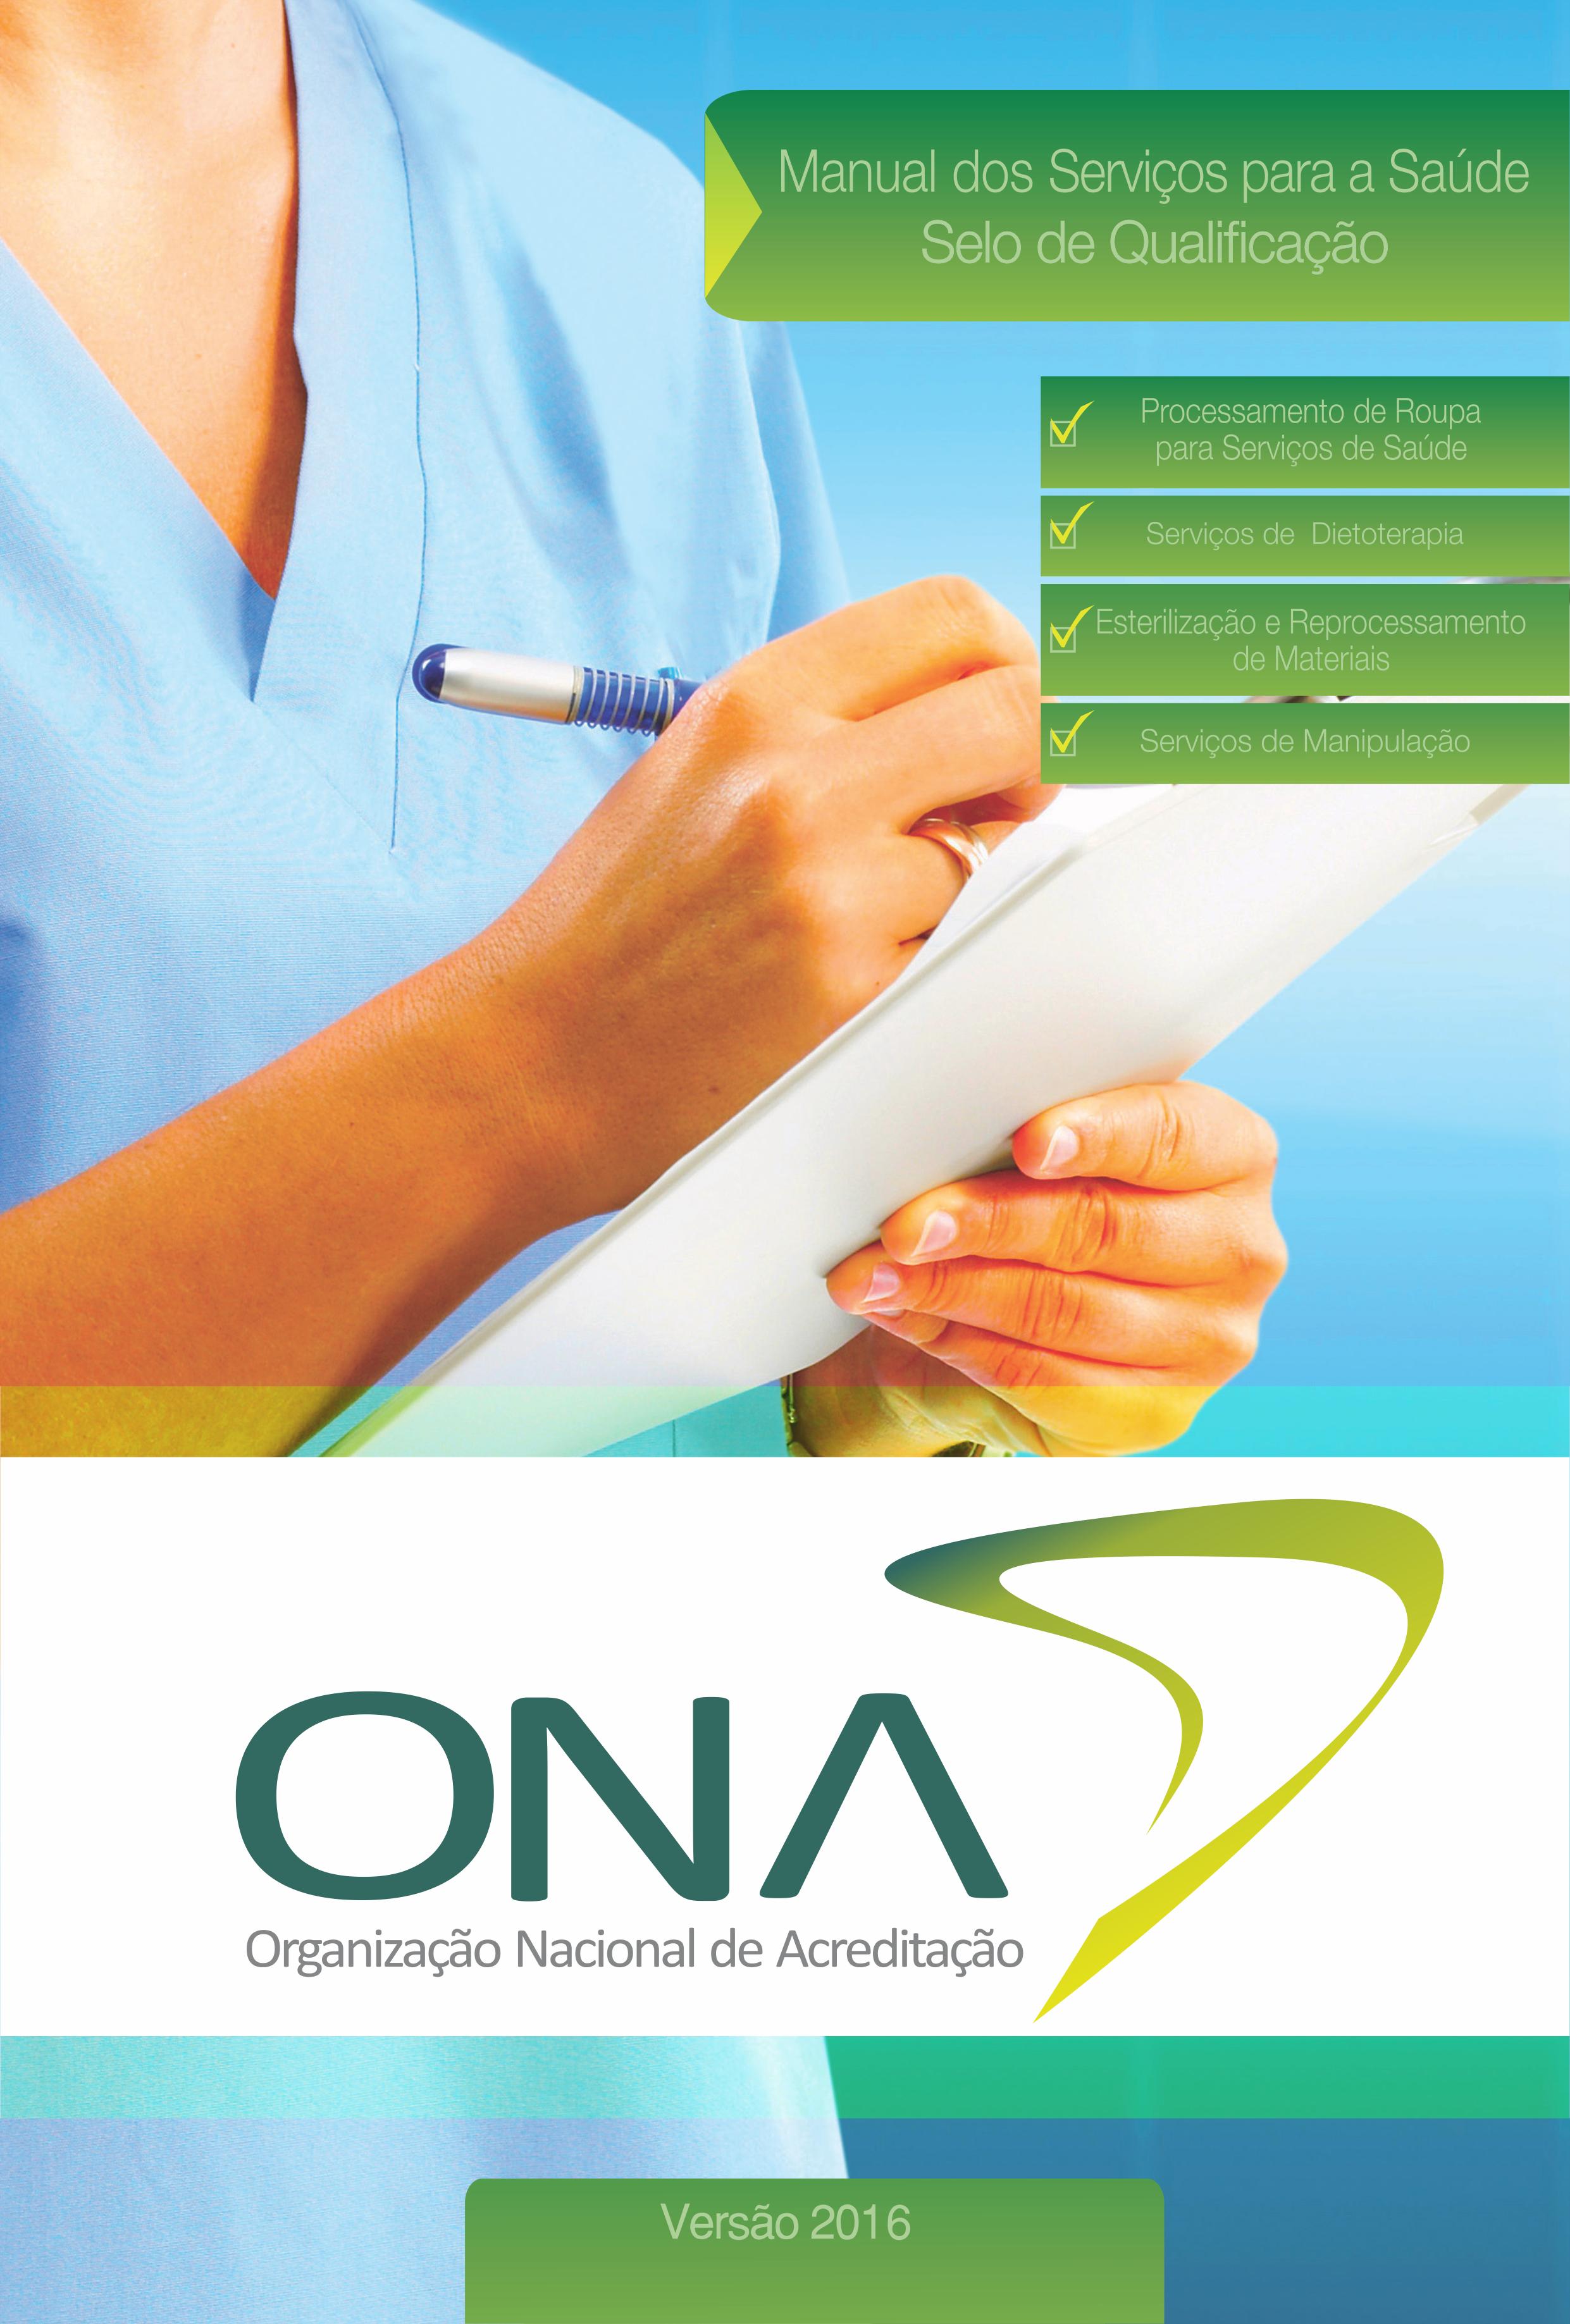 Manual Brasileiro de Acreditação: Serviços para a Saúde - Selo de Qualificação ONA - Versão 2016